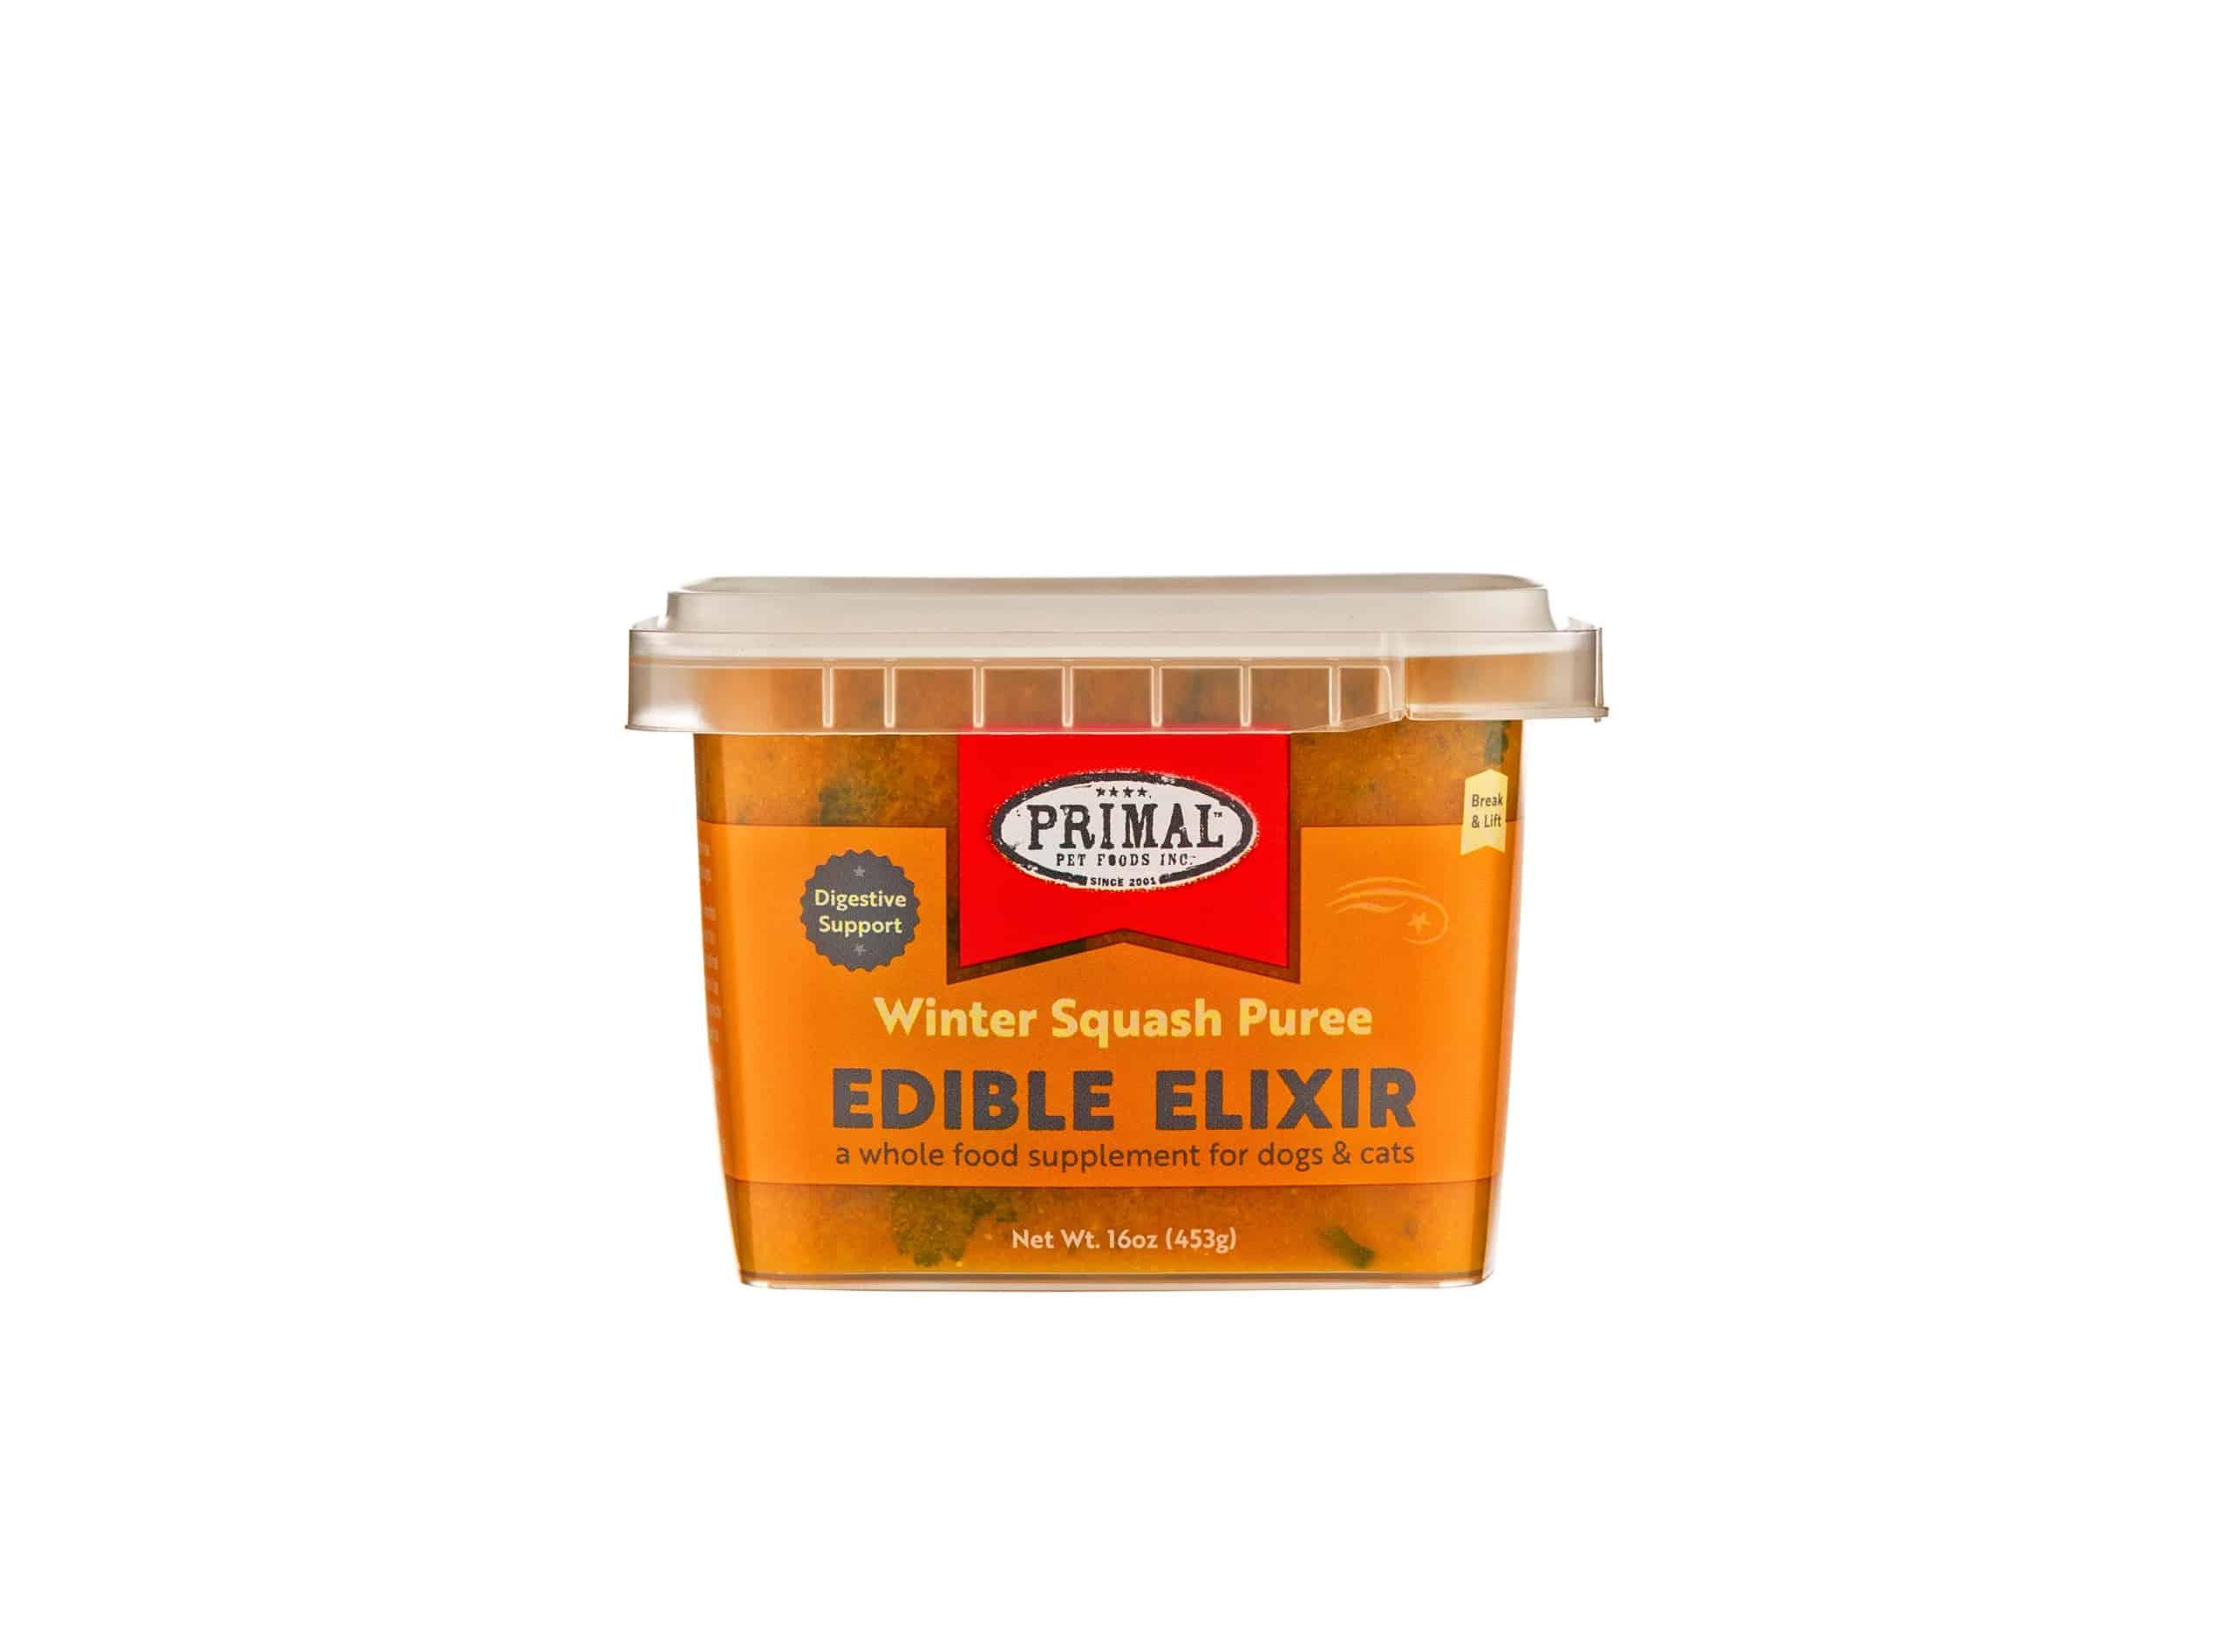 16oz Edible Elixir Winter Squash Puree